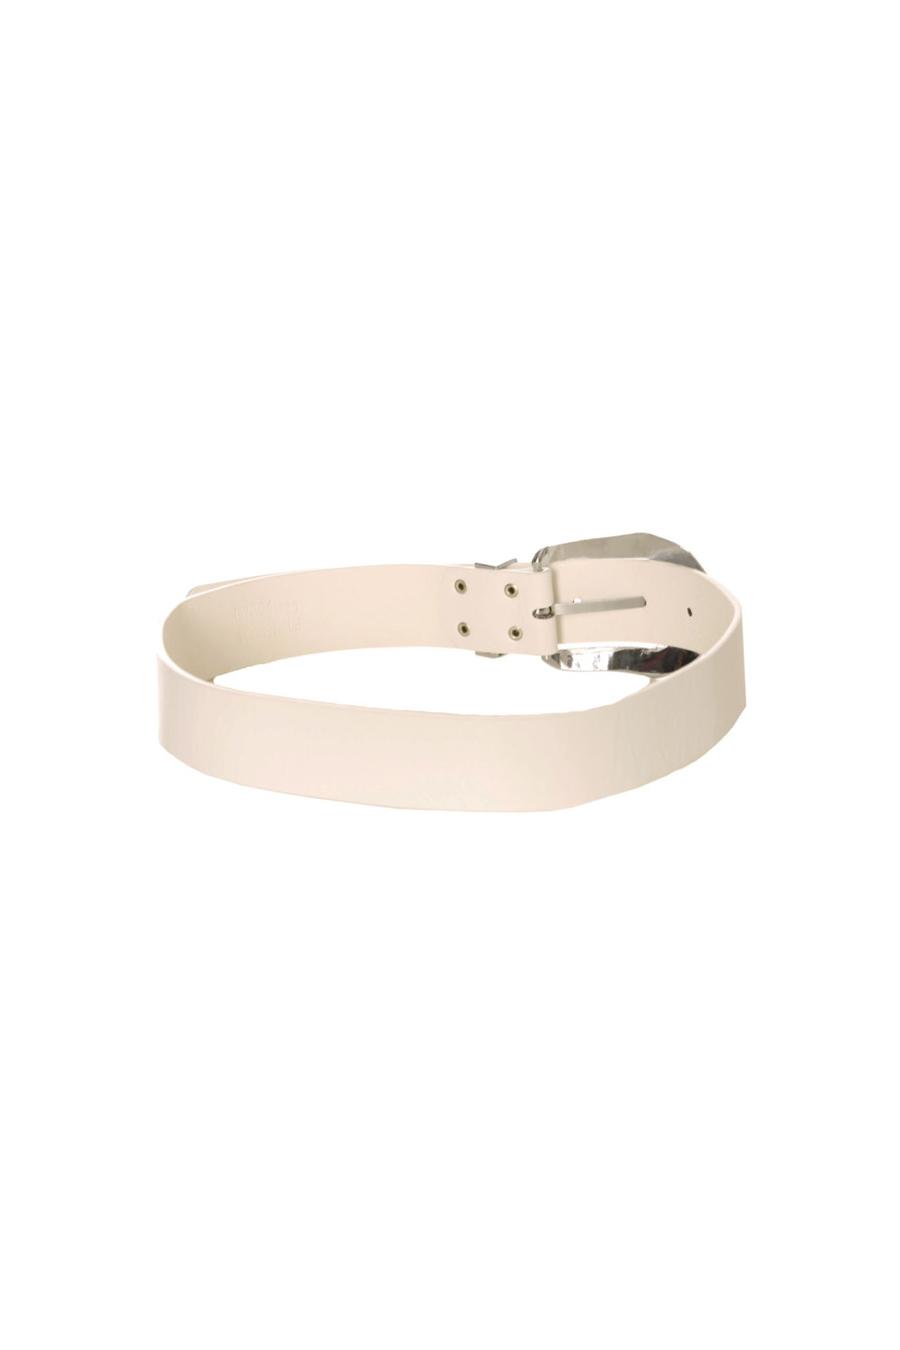 Witte riem met zilveren gesp. D7364